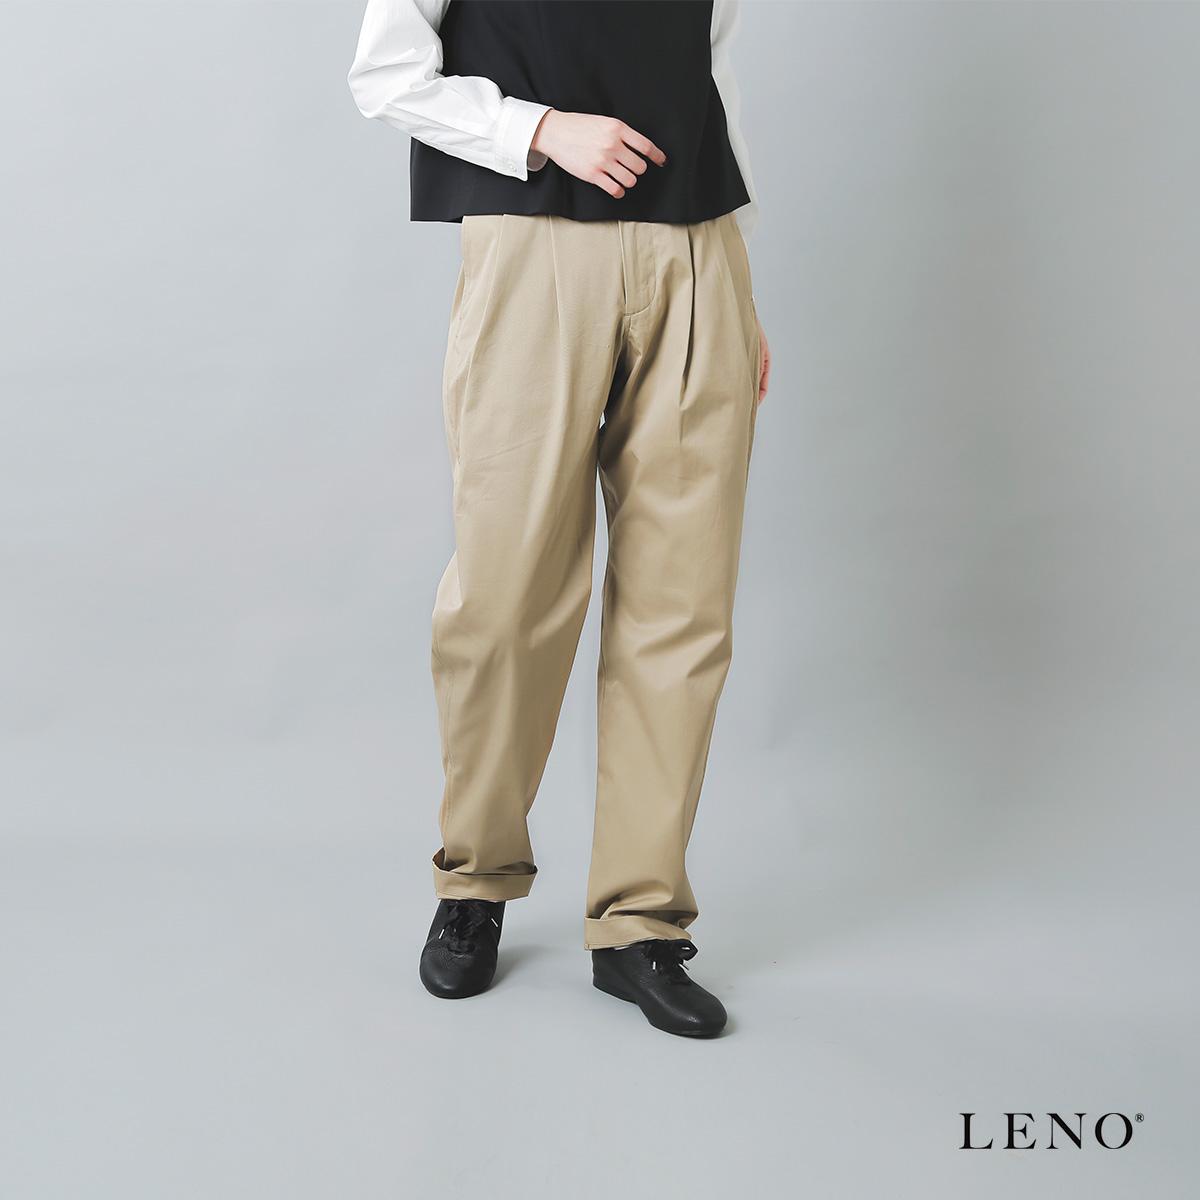 LENO(リノ)ウエストポイントツイルコットン2タックトラウザーズ l2001-pt002